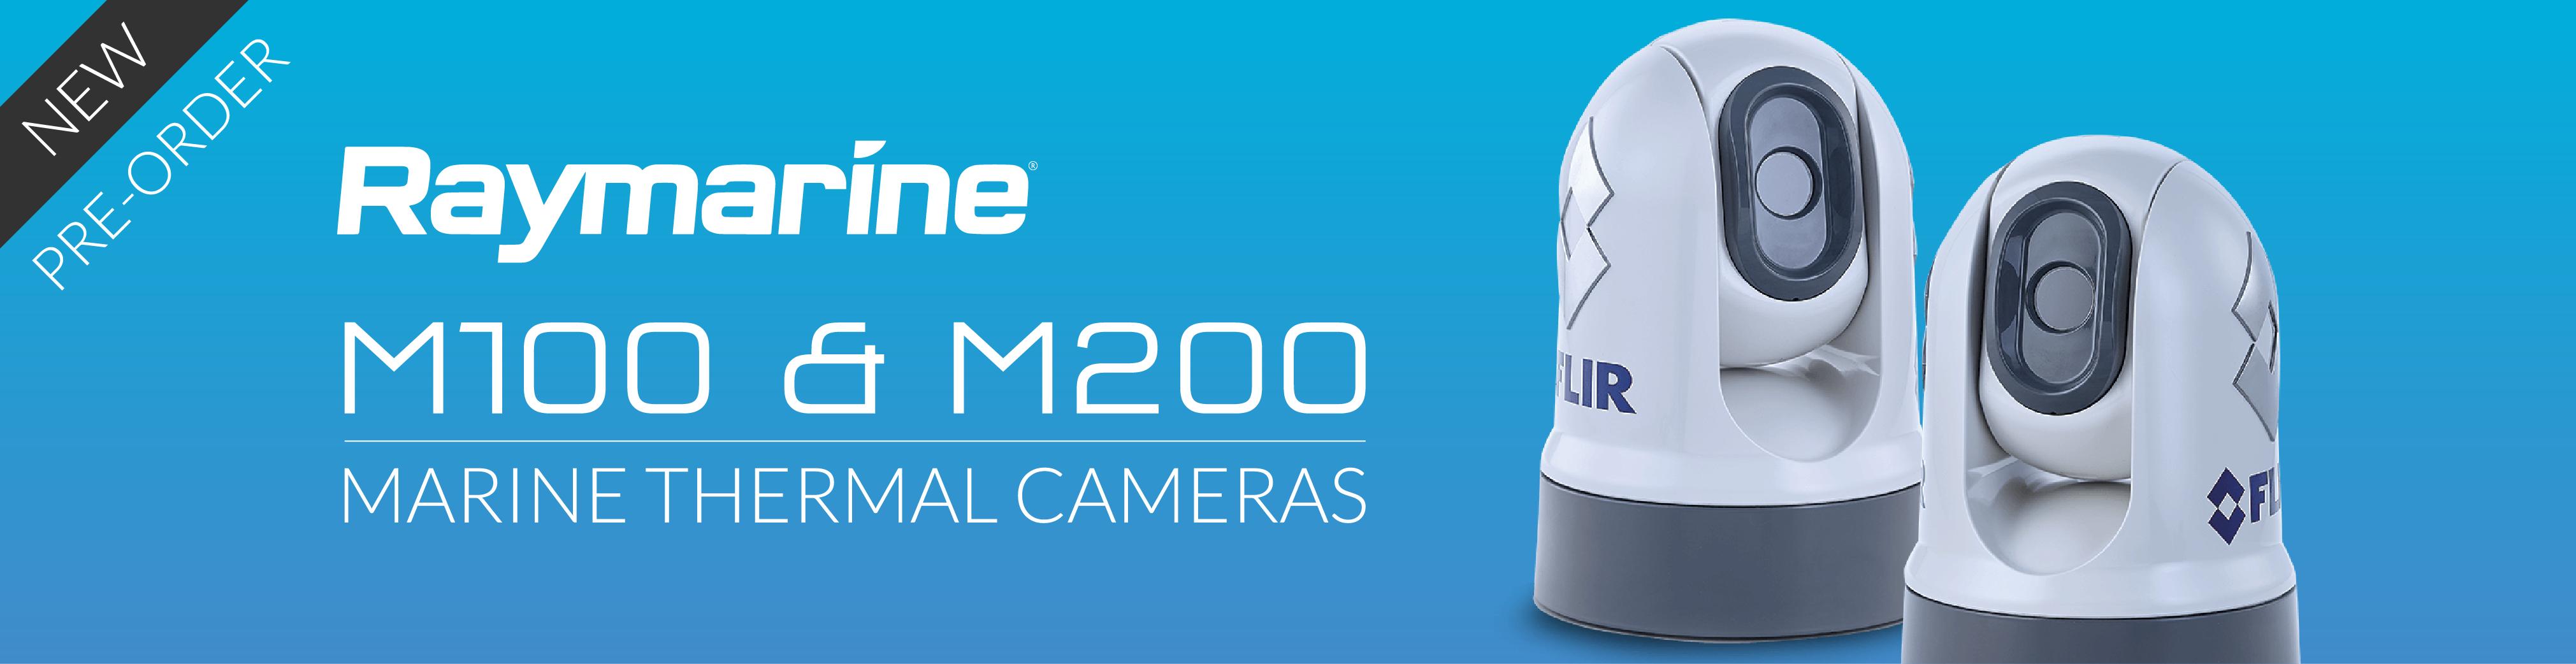 raymarine m100 m200 marine thermal cameras banner